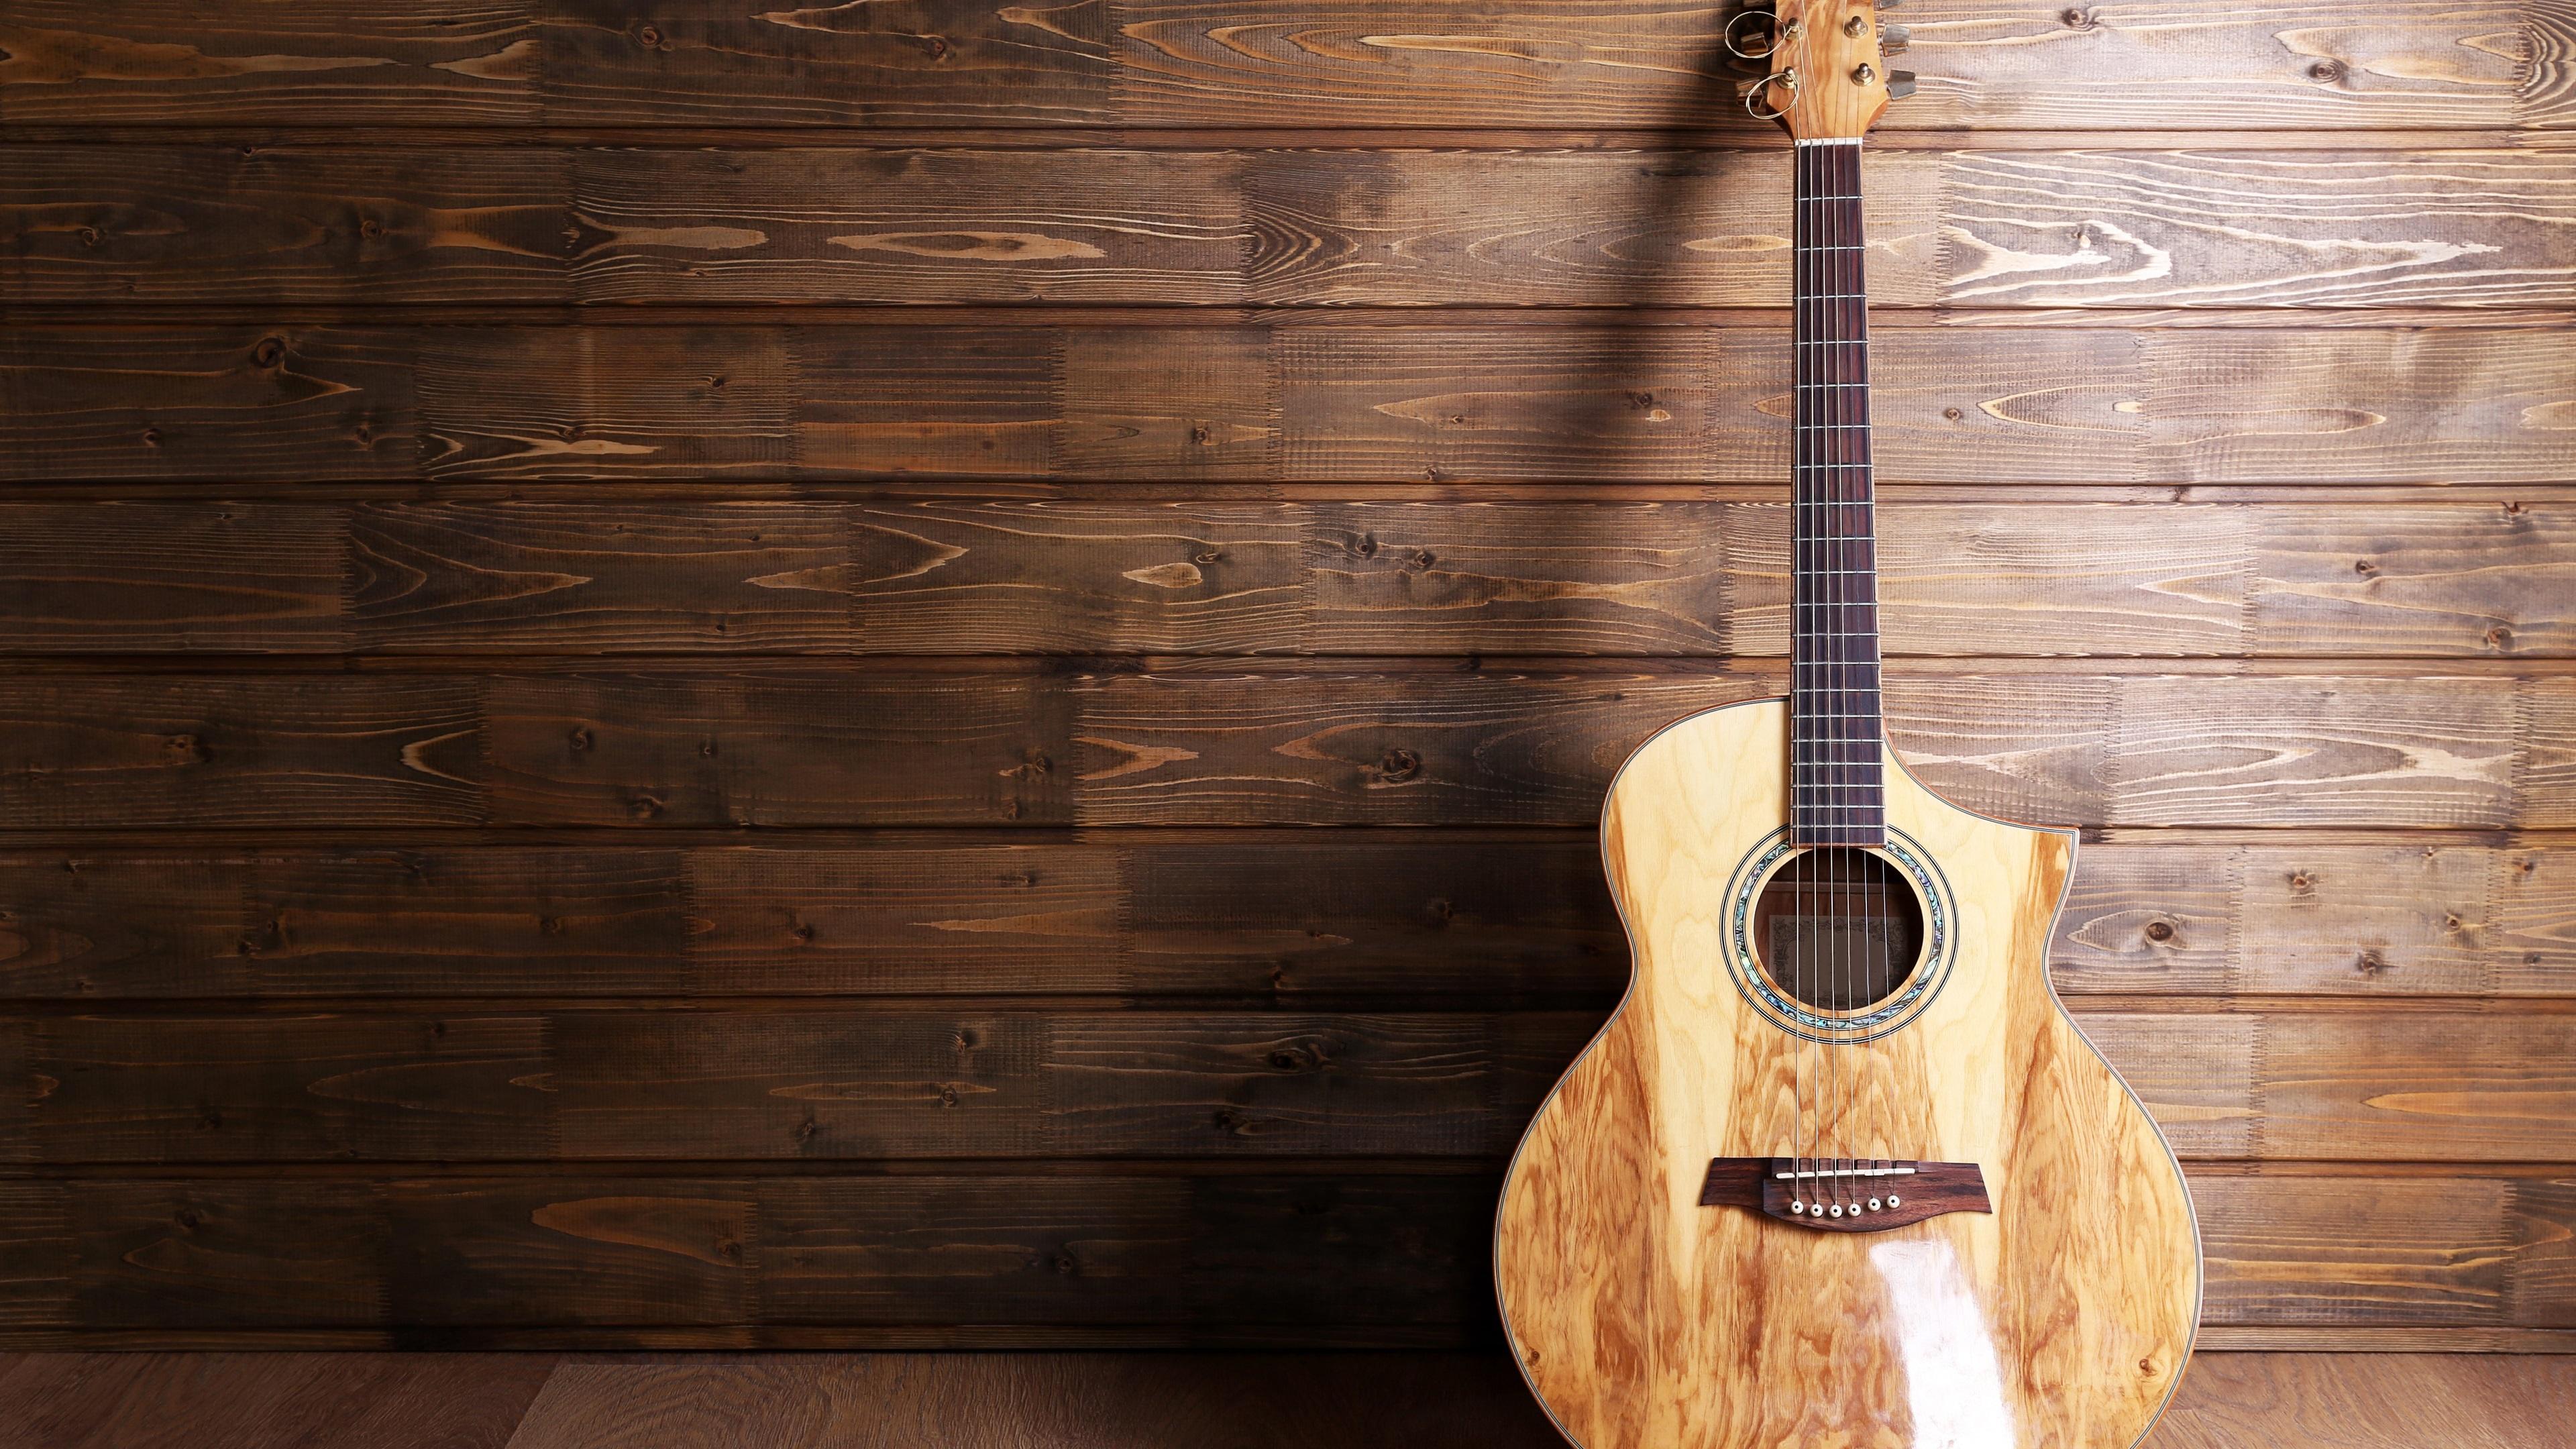 Fonds D'écran Guitare, Musique, Bois 3840x2160 UHD 4K Image